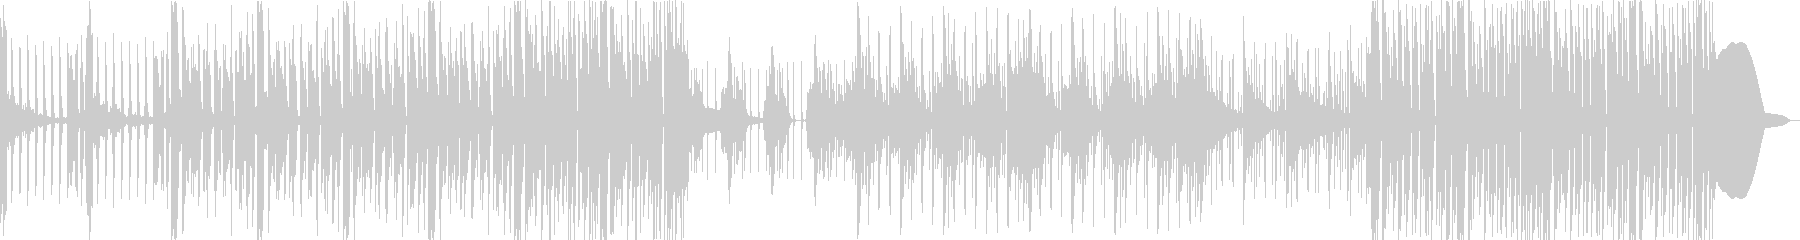 シンセメインの無機質なテクスチャーの未再生の波形